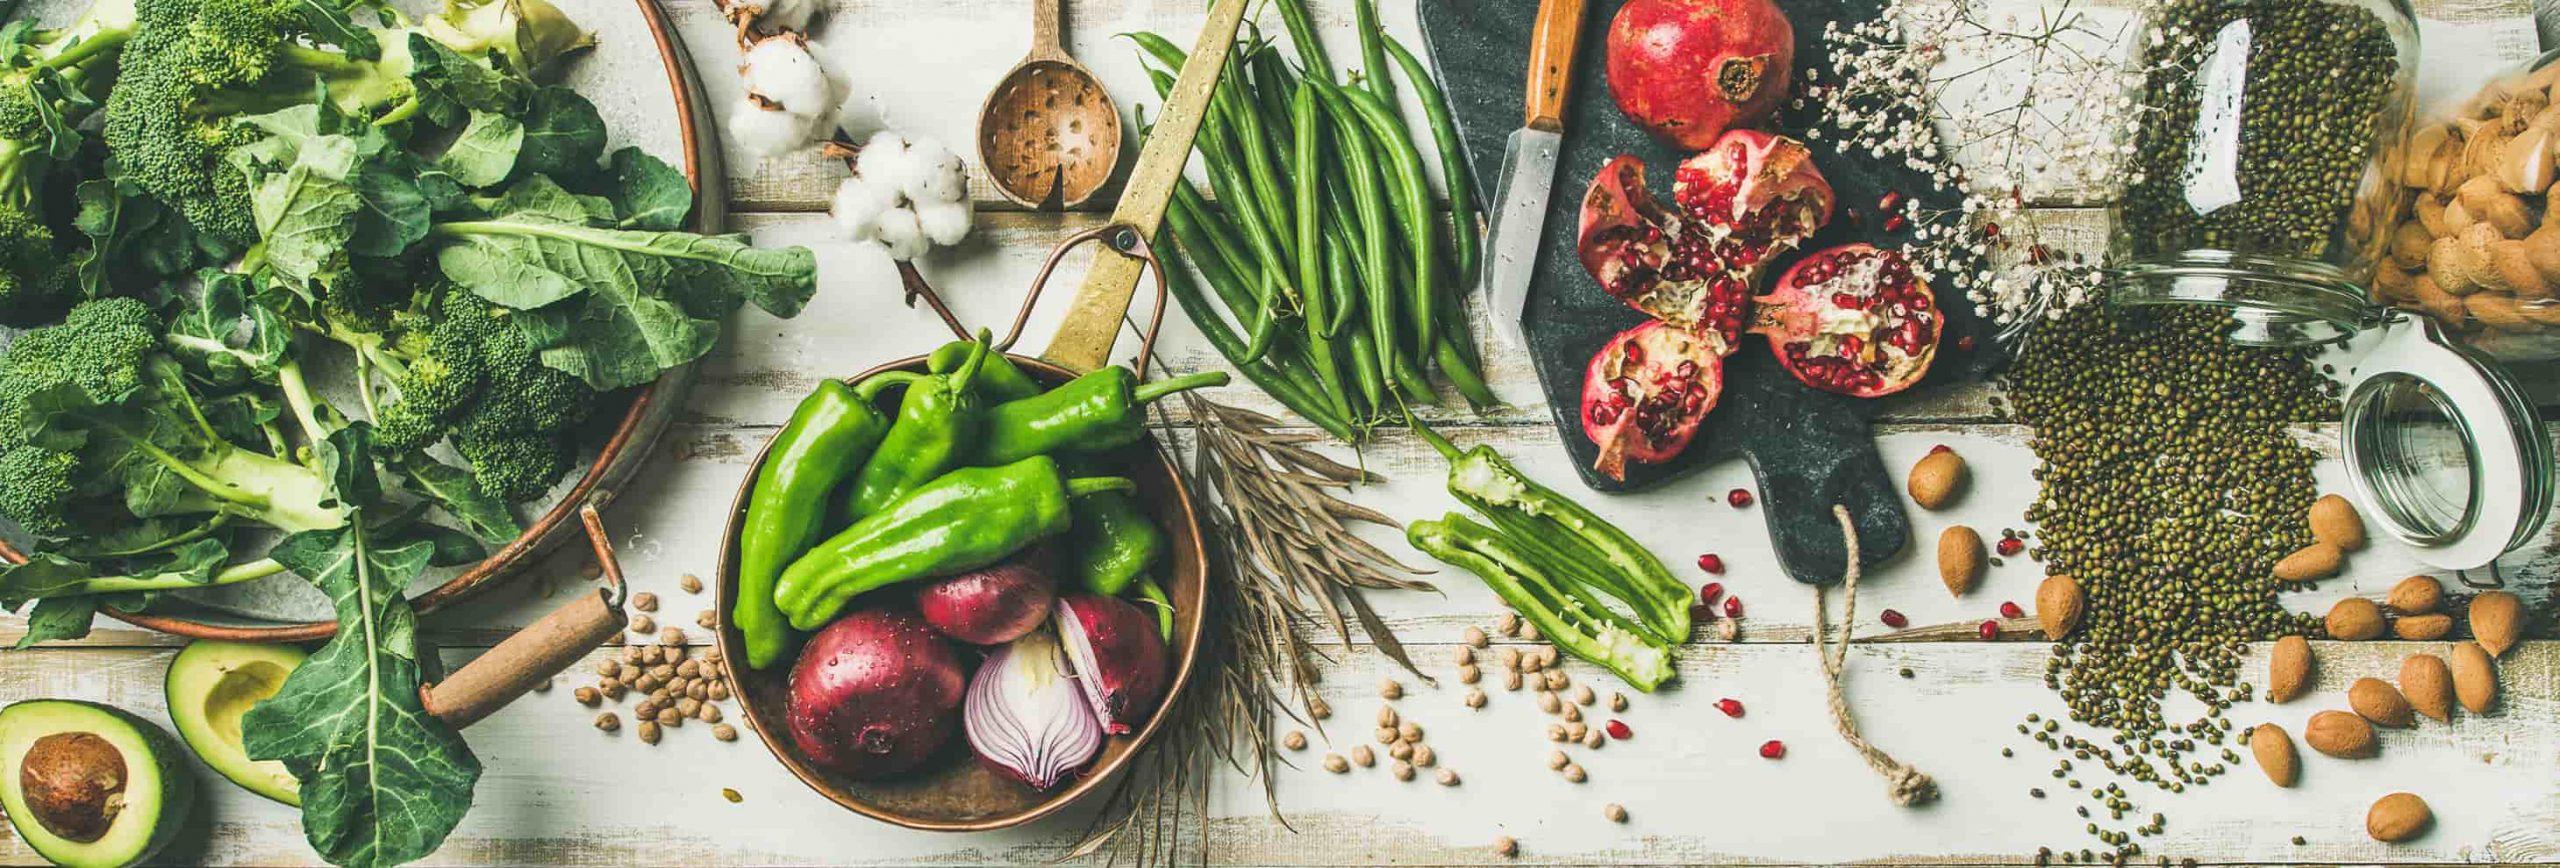 آیا همه چیز گیاهخواری است؟